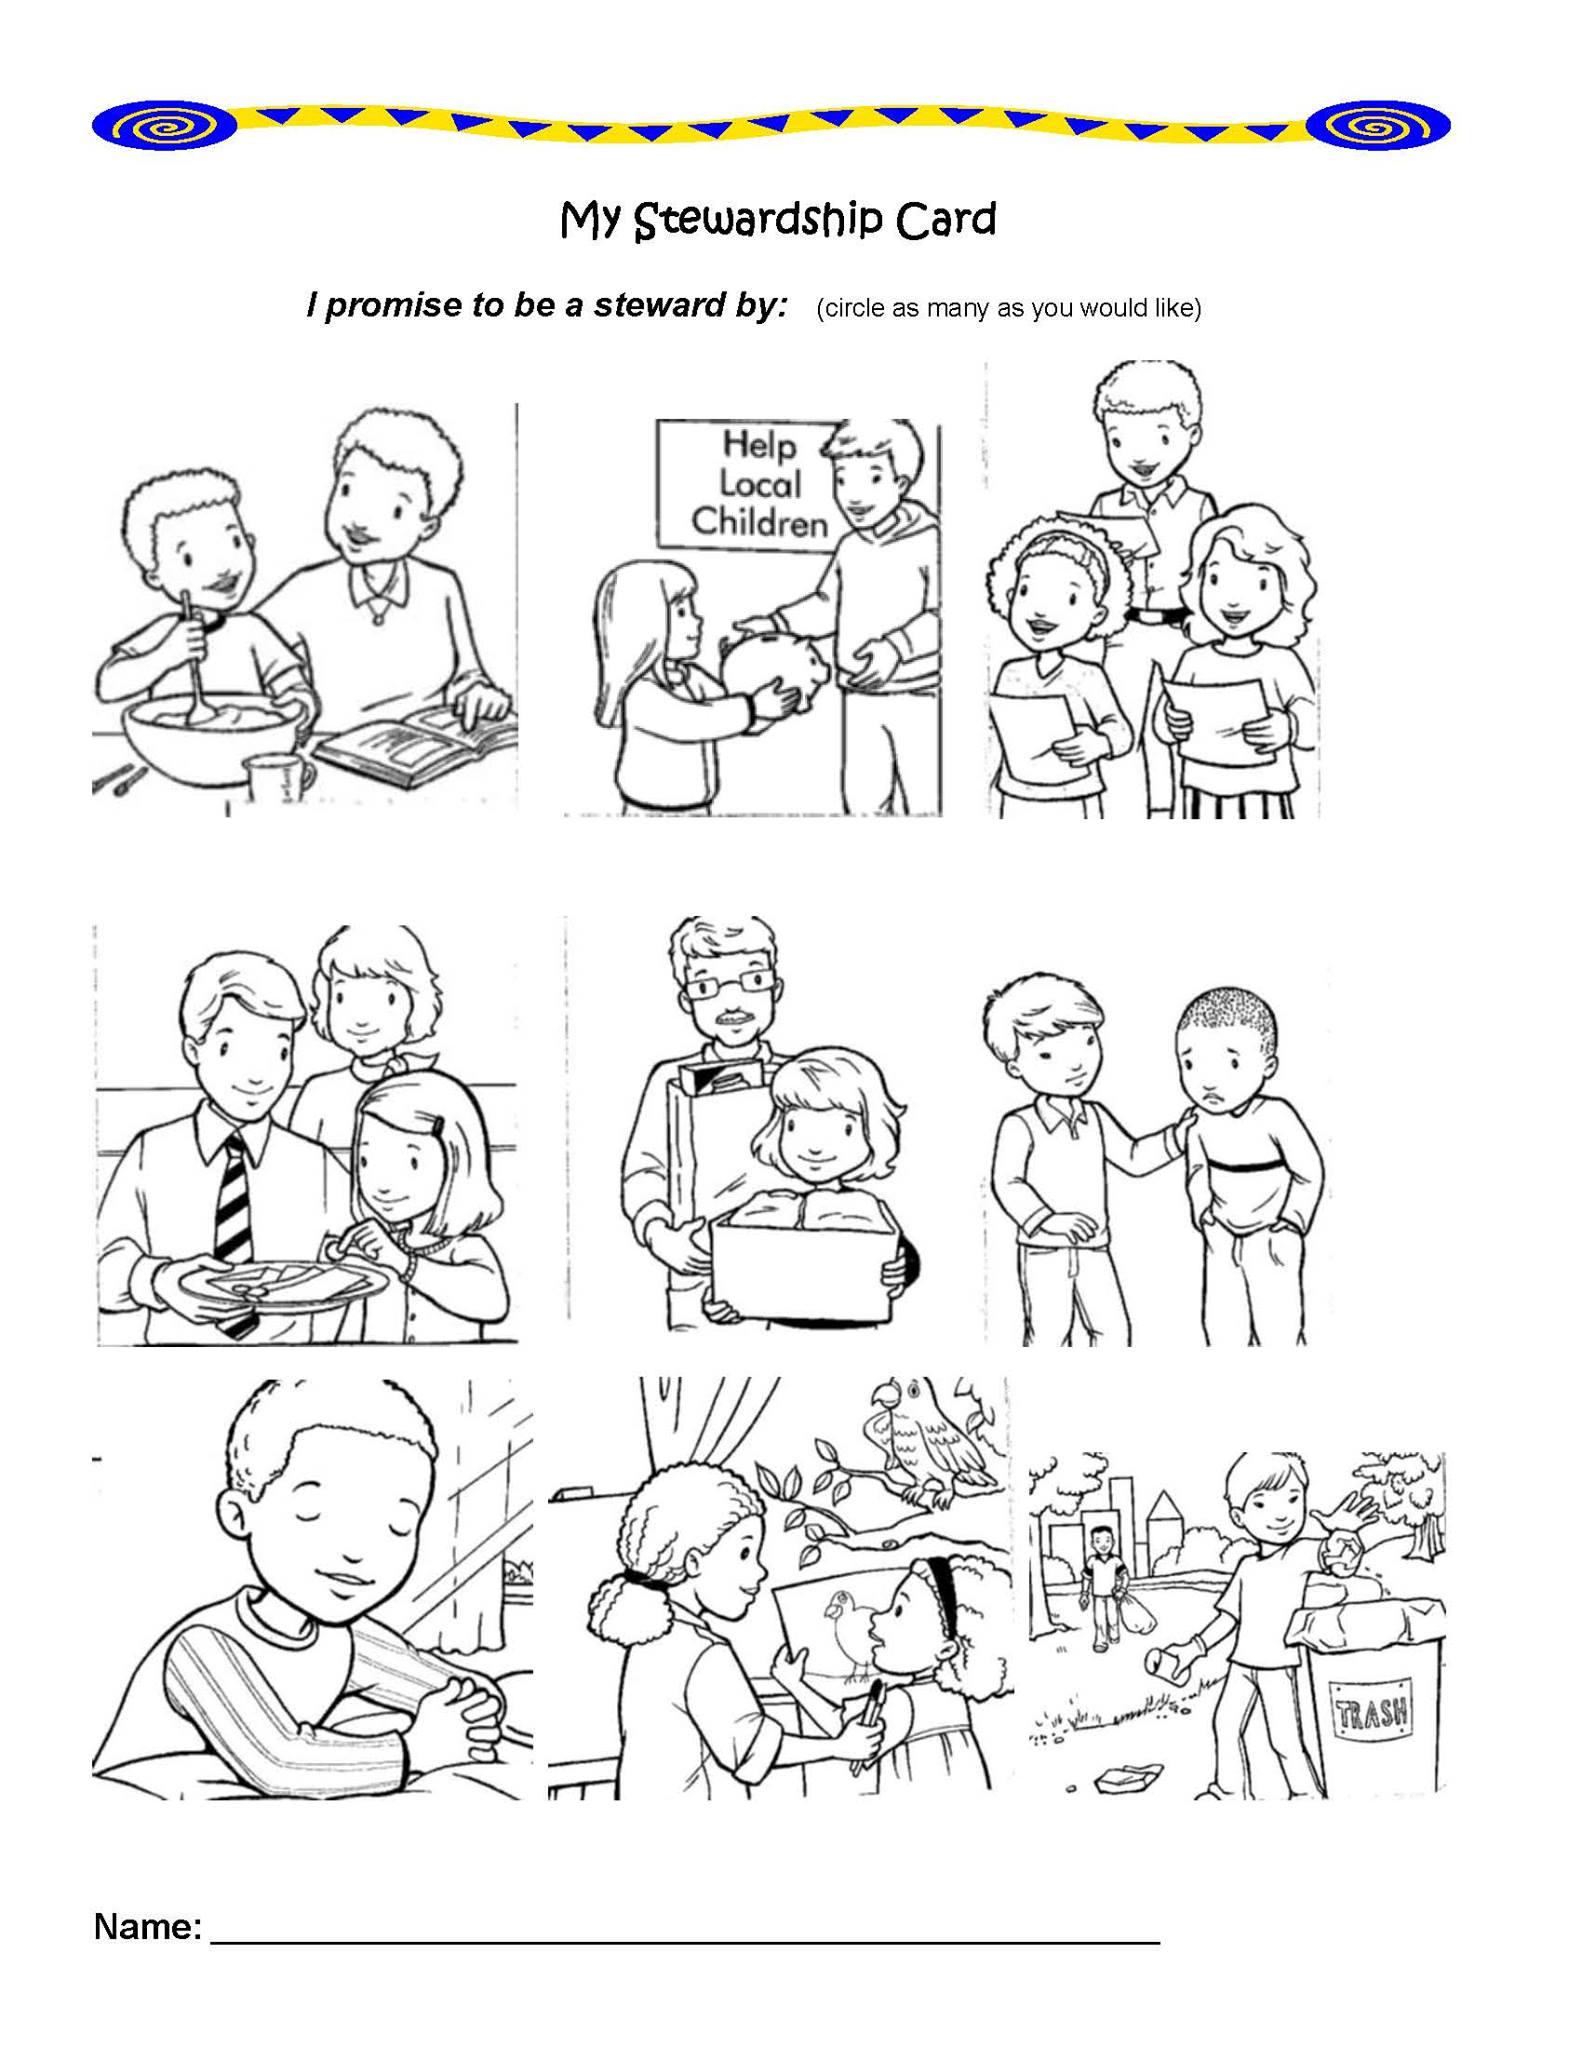 Sharing Stewardship with Children